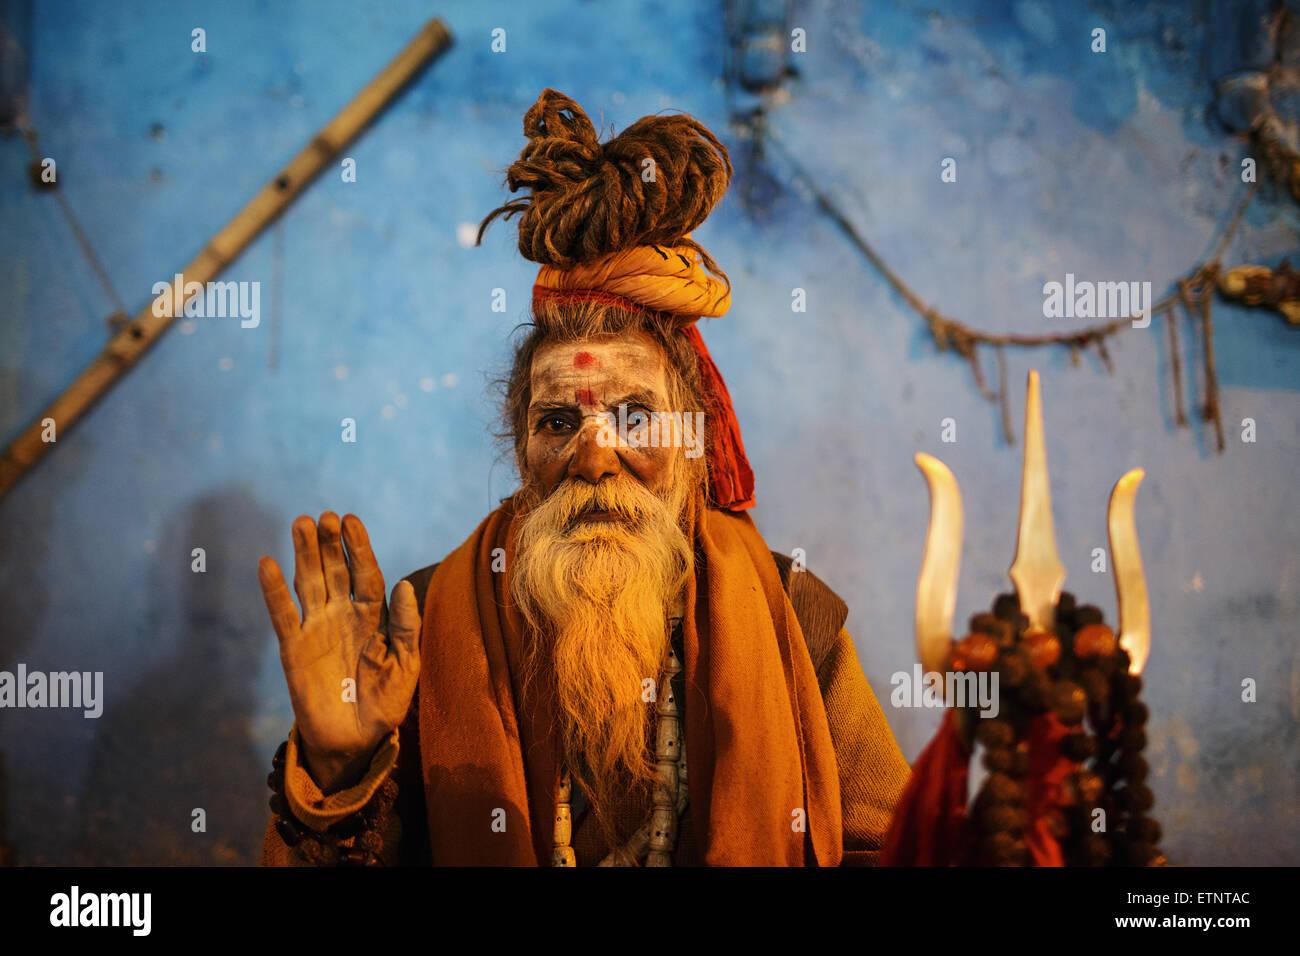 Un viejo hombre barbado (Sadhu) vistiendo ropa tradicional plantea para una foto en la noche en Varanasi, India. Imagen De Stock